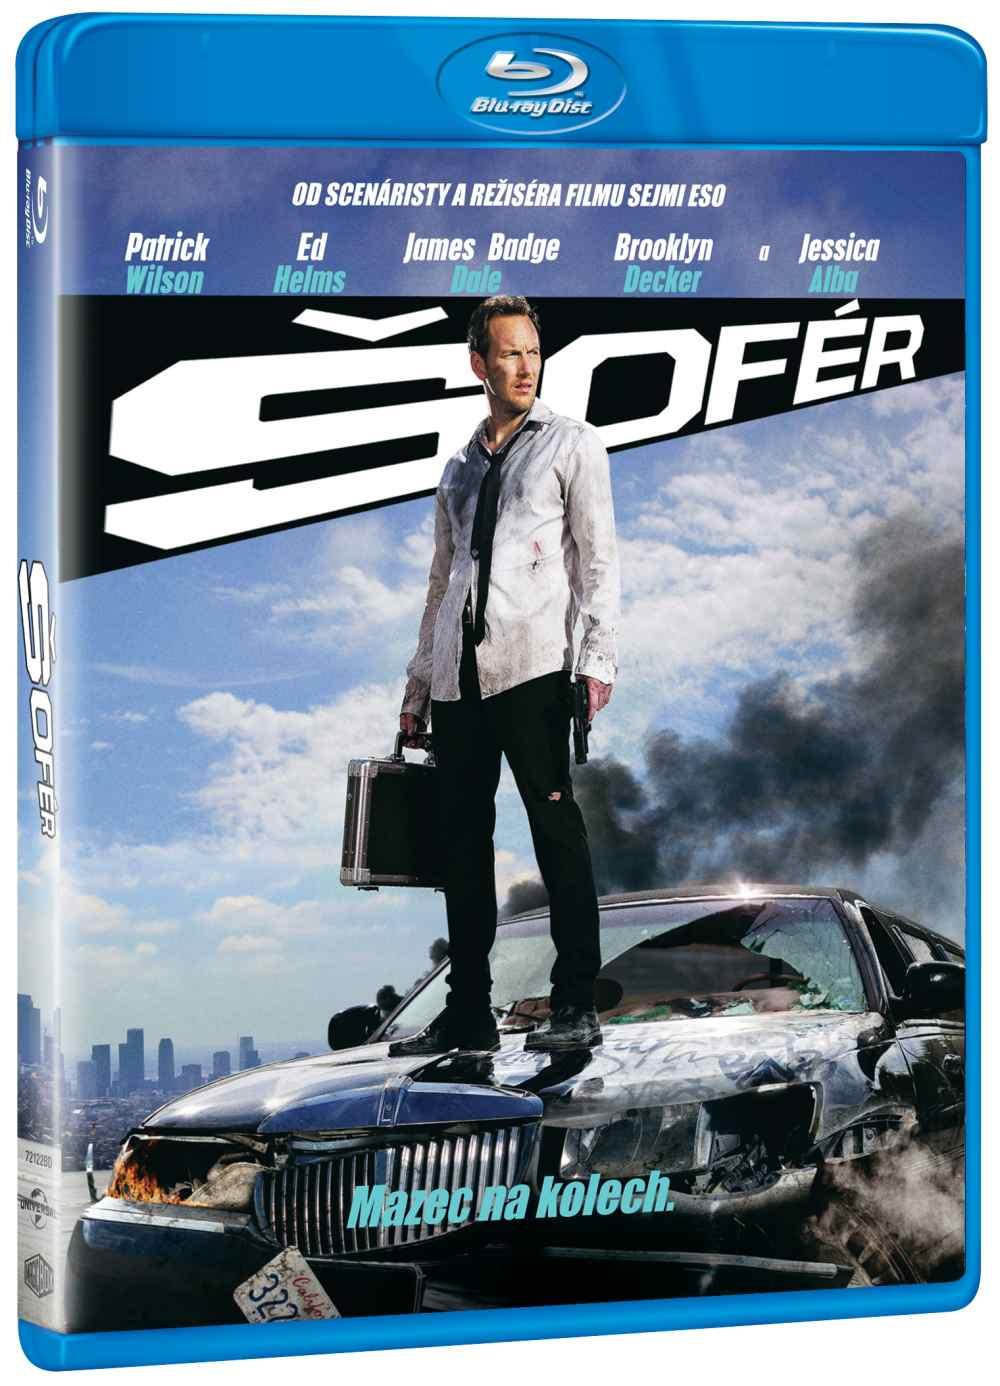 ŠOFÉR - Blu-ray